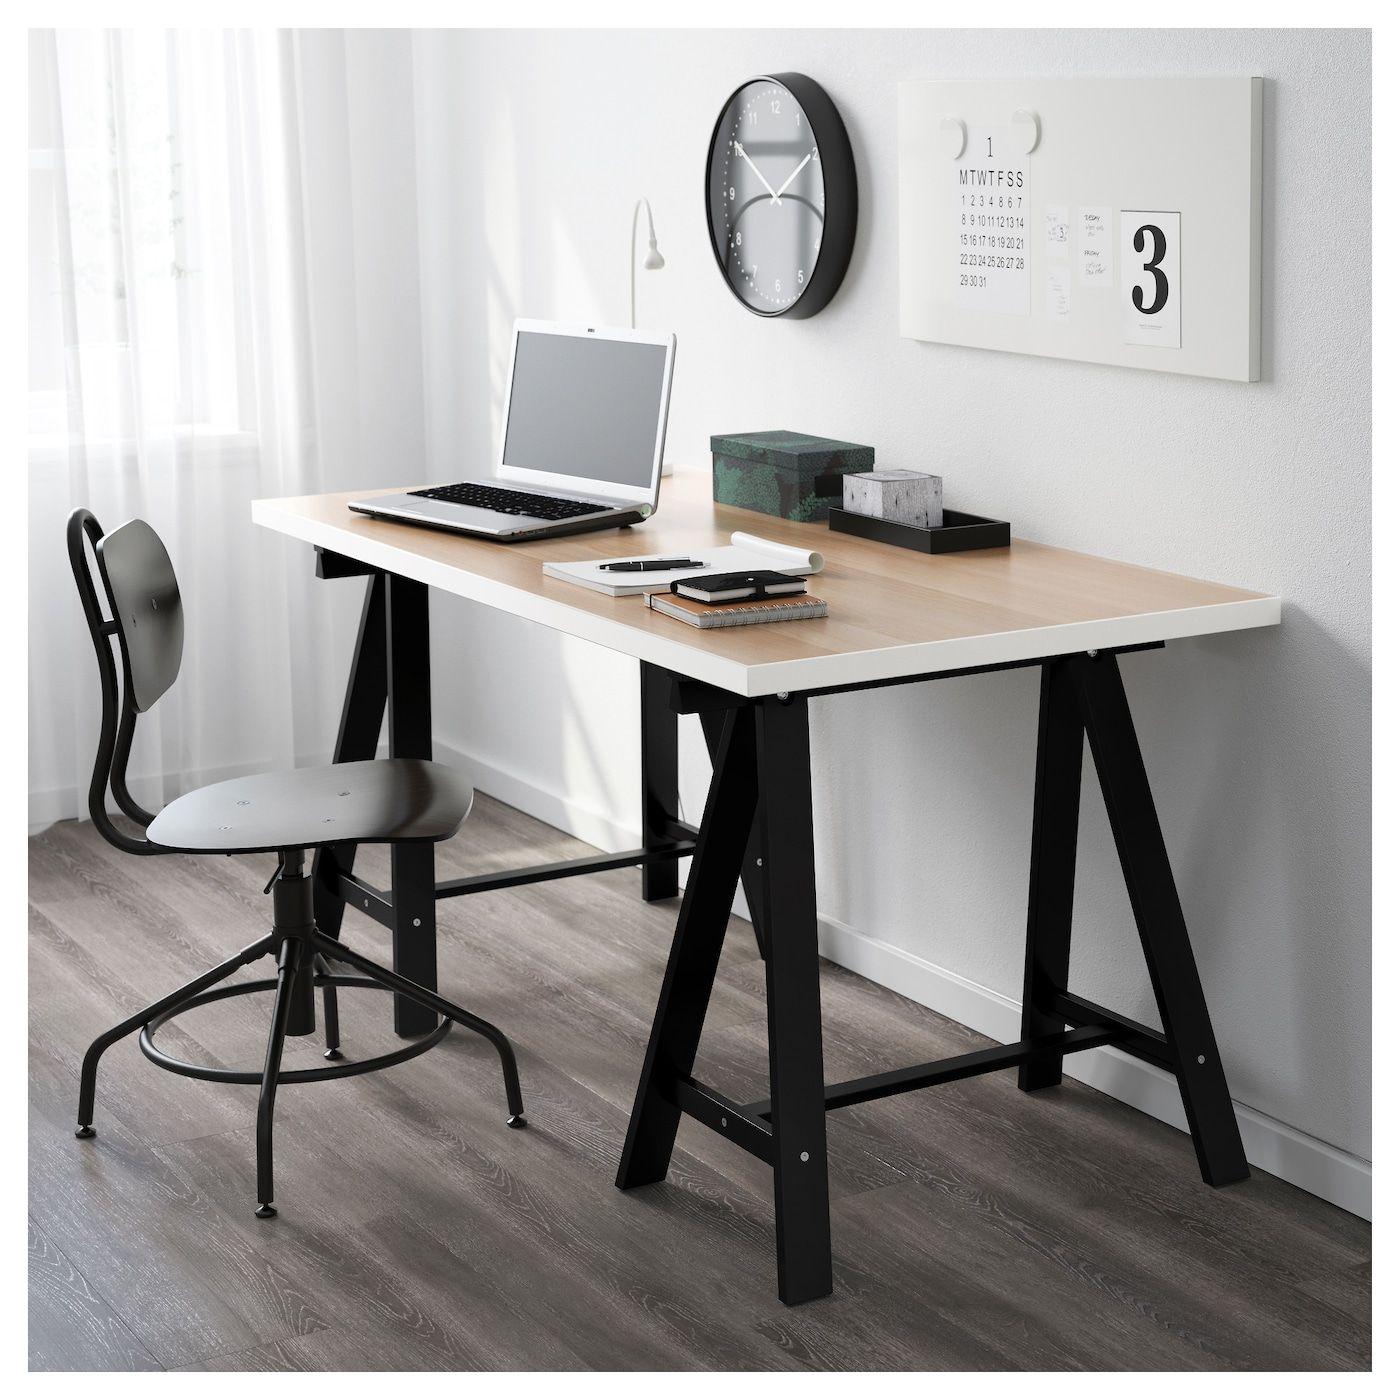 LINNMON / ODDVALD Table, white white stained oak effect, black